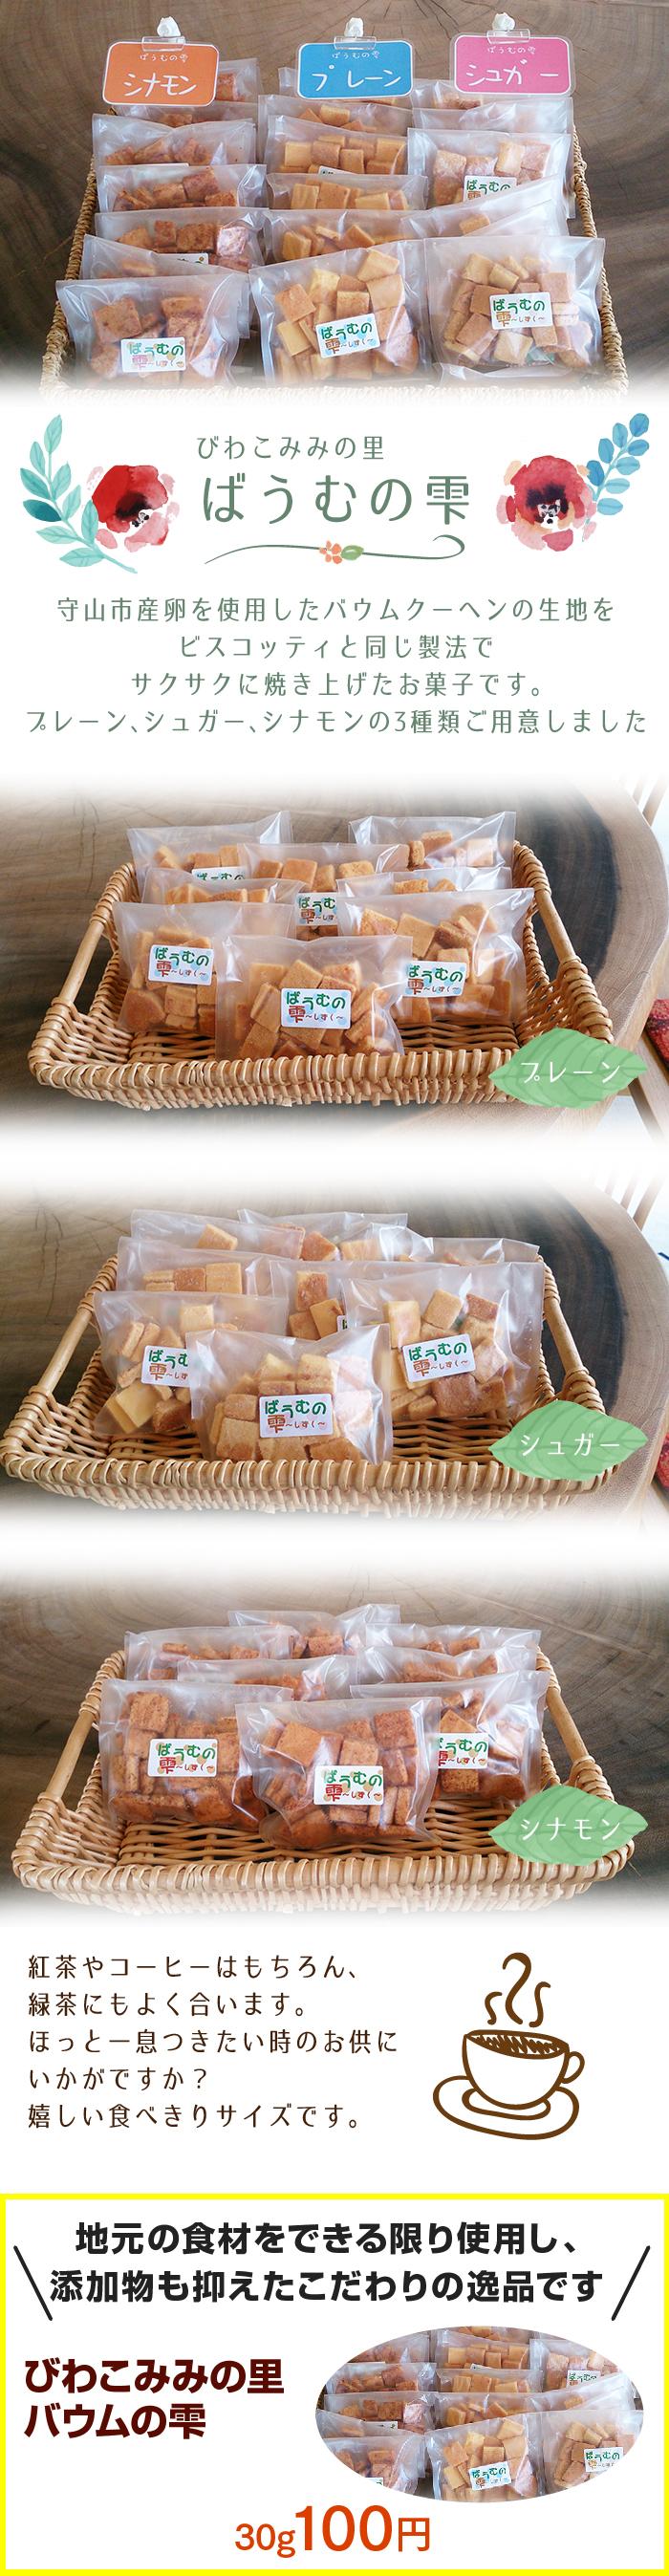 地元の食材をできる限り使用し、 添加物も抑えたこだわりの逸品です